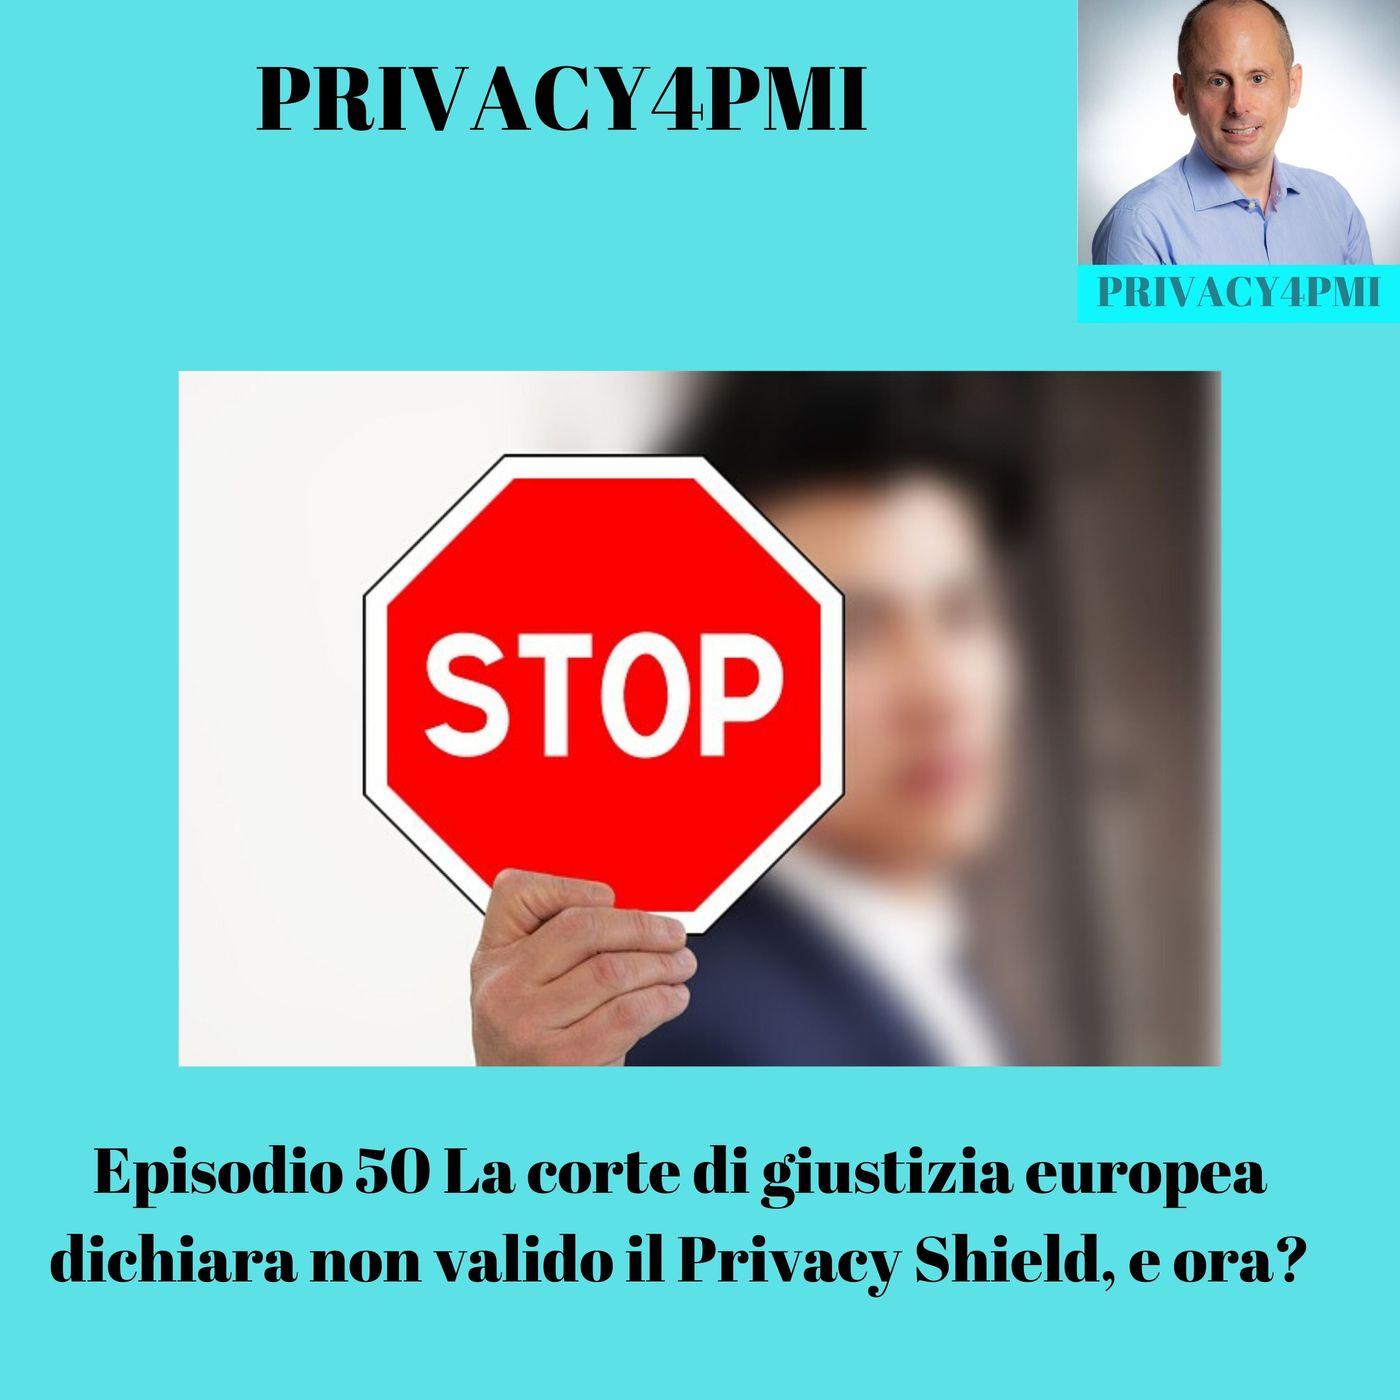 Episodio 50 La corte di giustizia europea dichiara non valido il Privacy Shield, e ora?